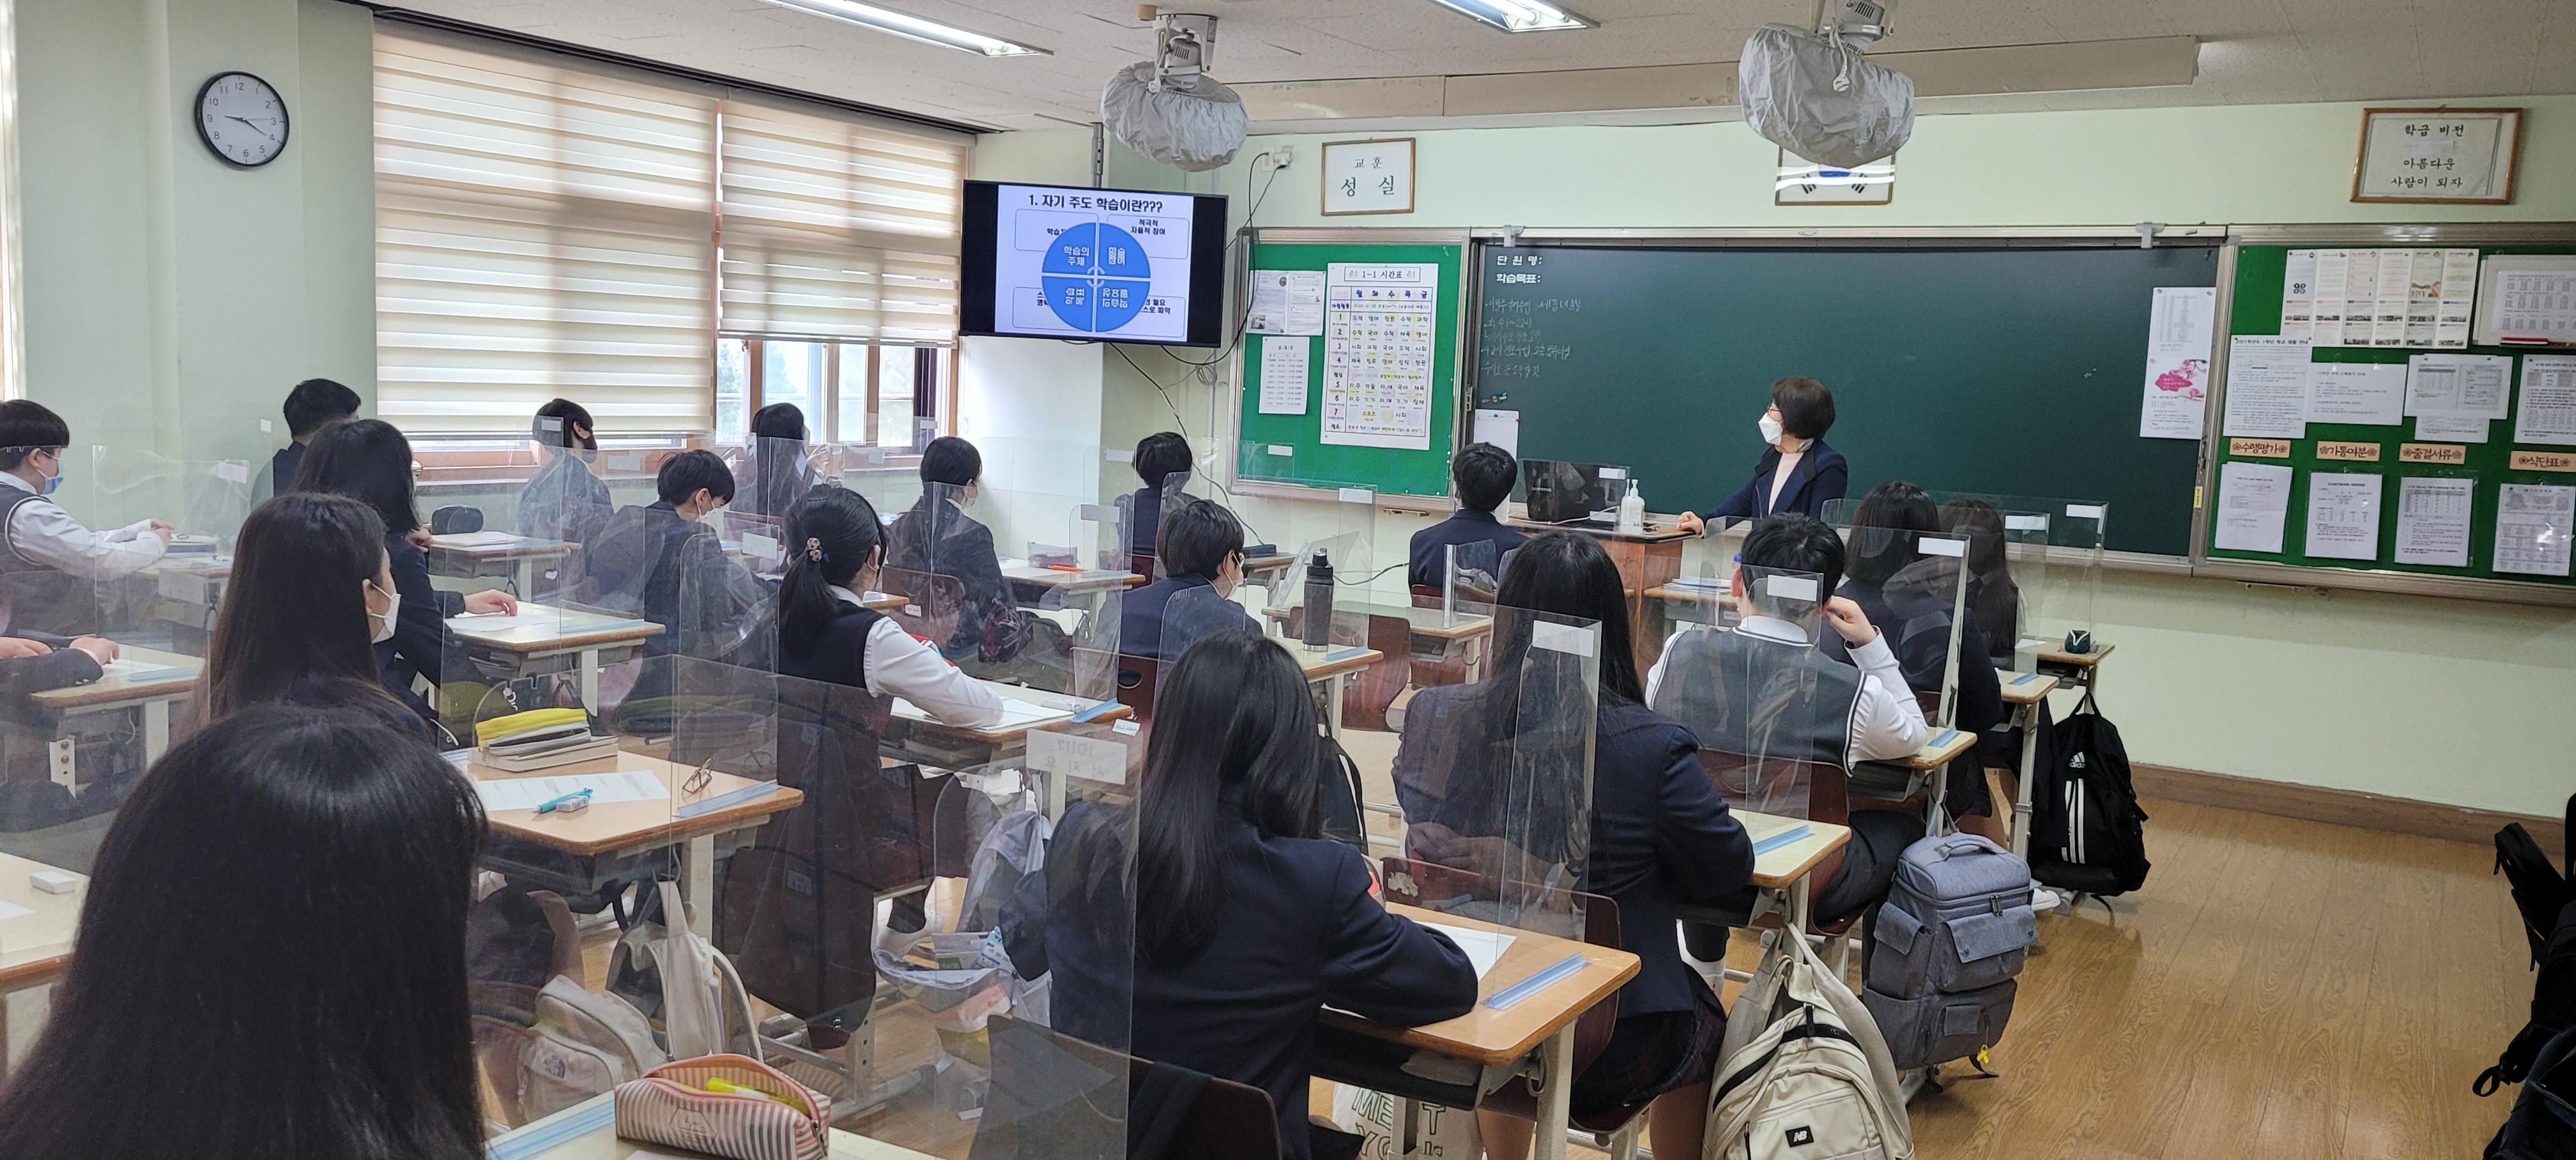 [일반] 1학년 자기주도학습 관련 특강의 첨부이미지 4